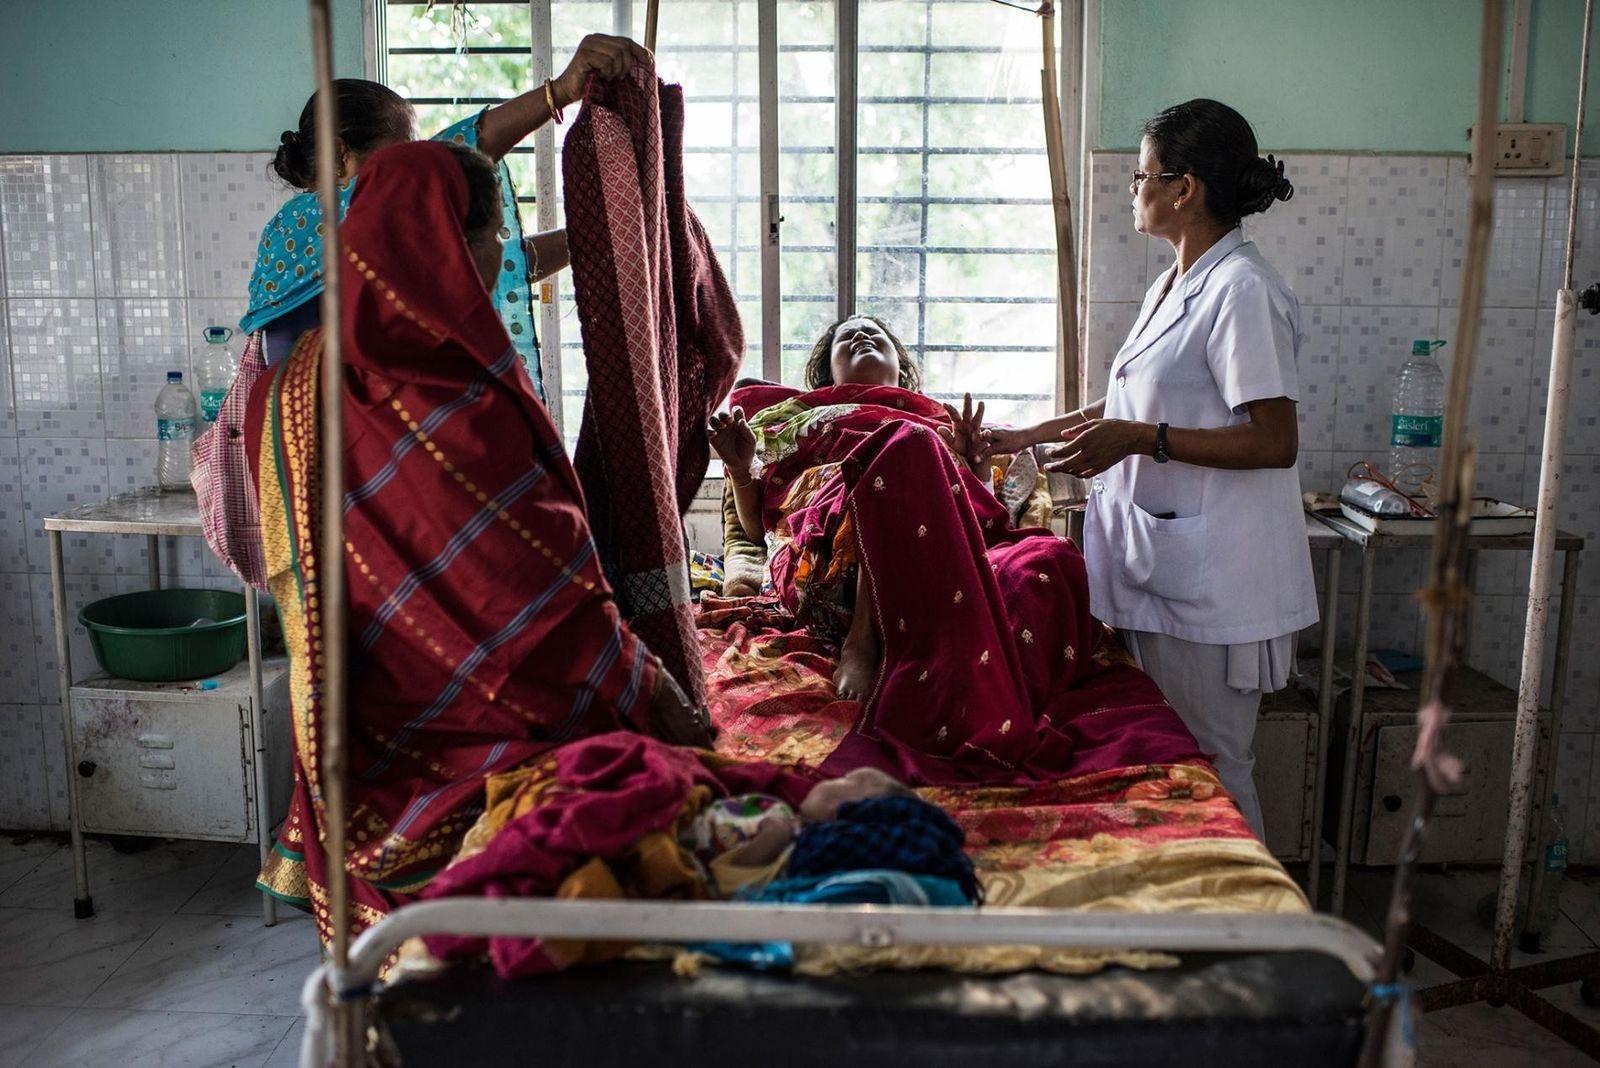 Une femme ayant perdu beaucoup de sang pendant l'accouchement souffre d'une sévère anémie post-partum. Le personnel ...